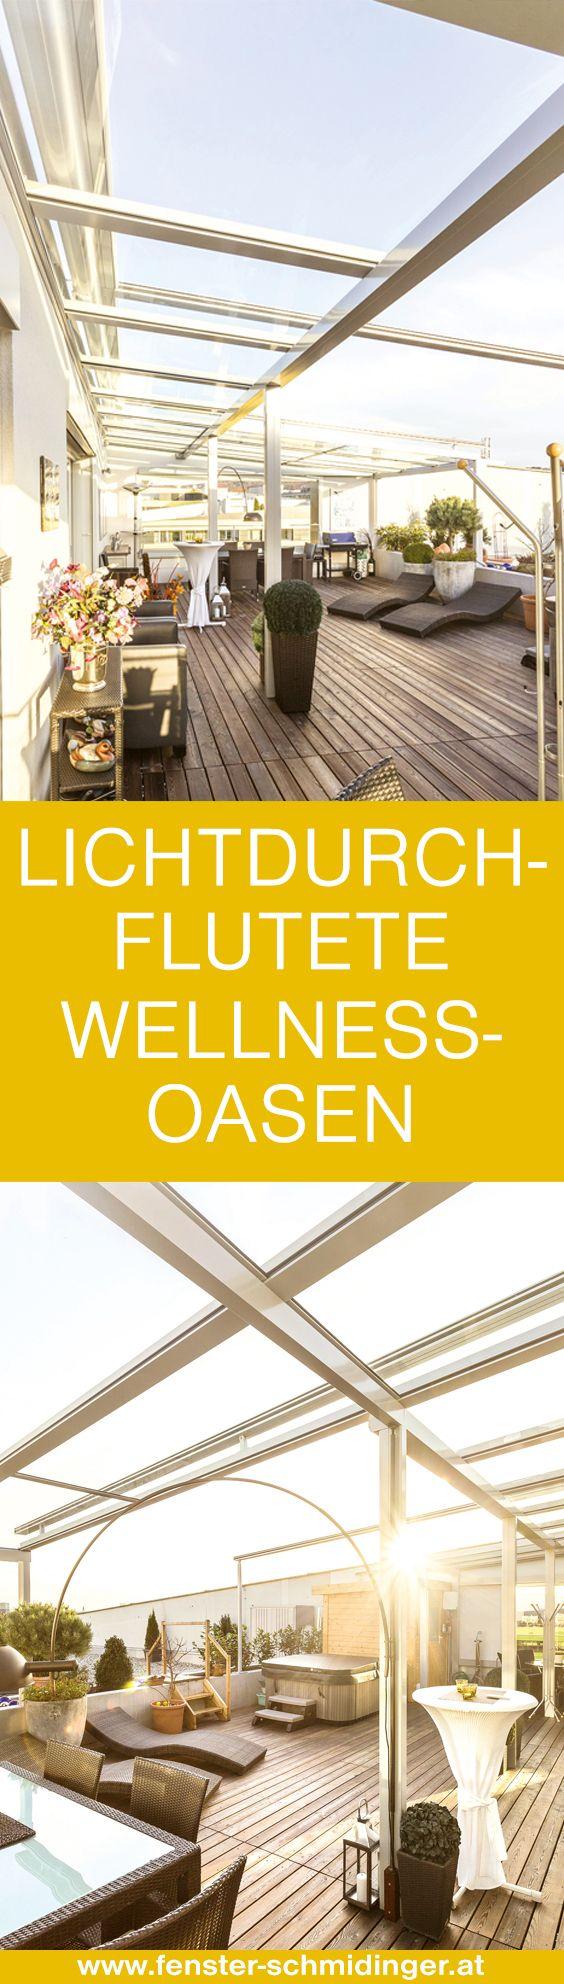 #Lichtdurchflutete #Wellnessoasen auf der #Terrasse - Mehr Projektfotos findest Du in unserer Projektgalerie auf www.wintergarten-schmidinger.at/projekte